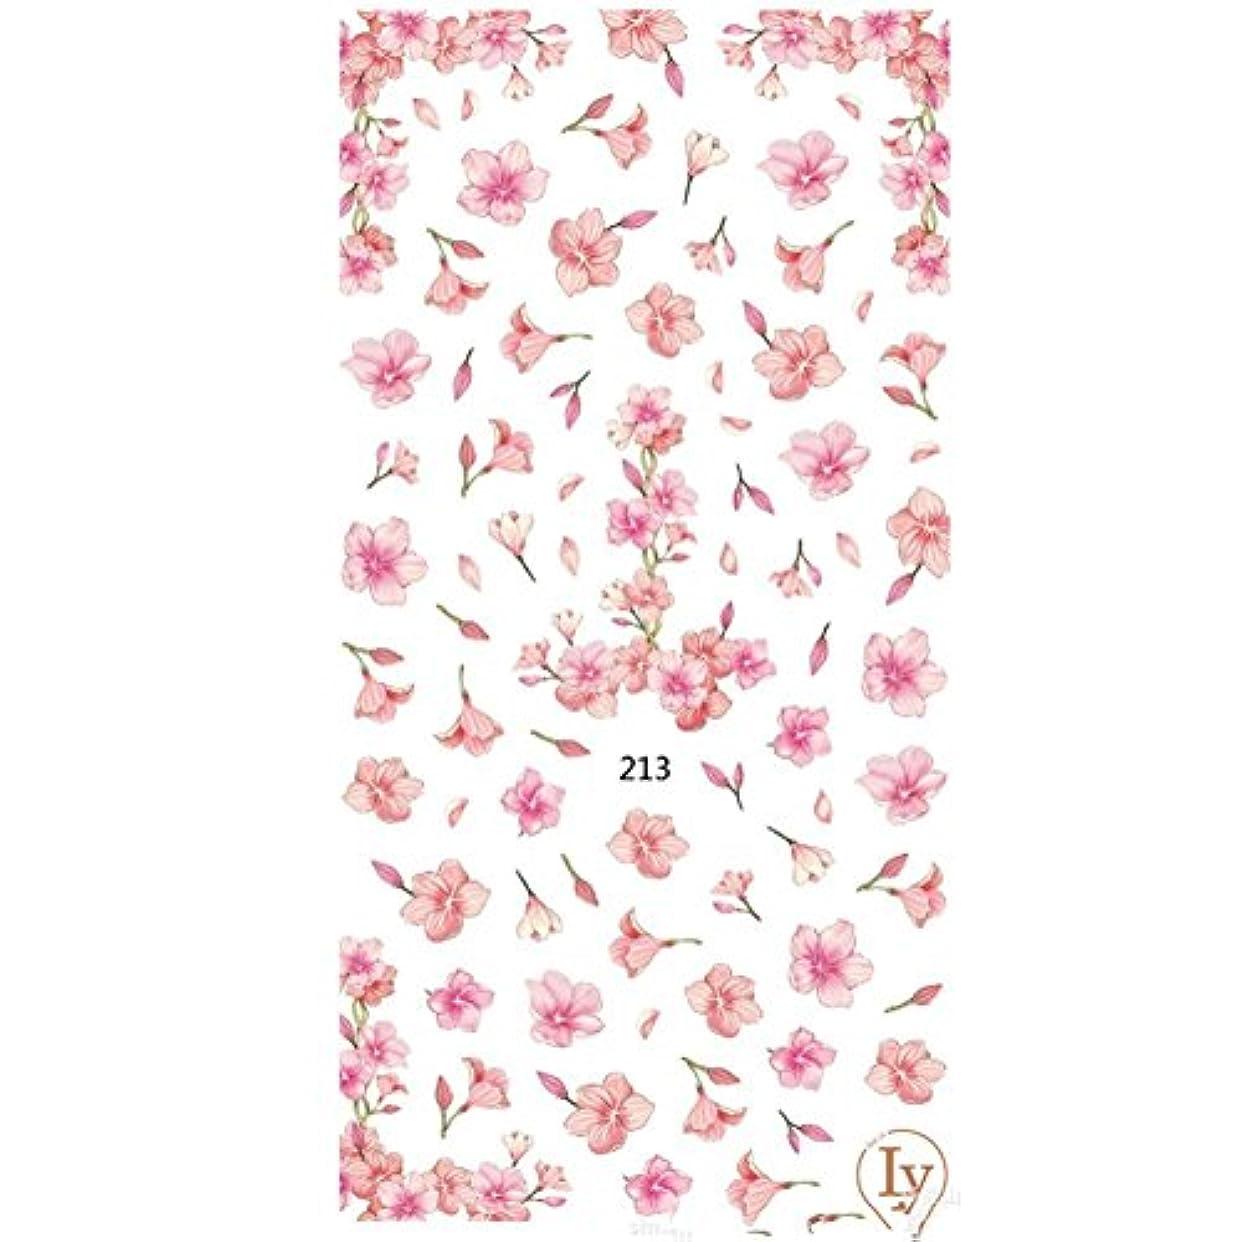 褒賞論理的枝ネイルステッカー 1シート 桜 フラワー 花 パターン 3Dシール ネイルステッカー ネイルシール ネイルアート ネイルデコ